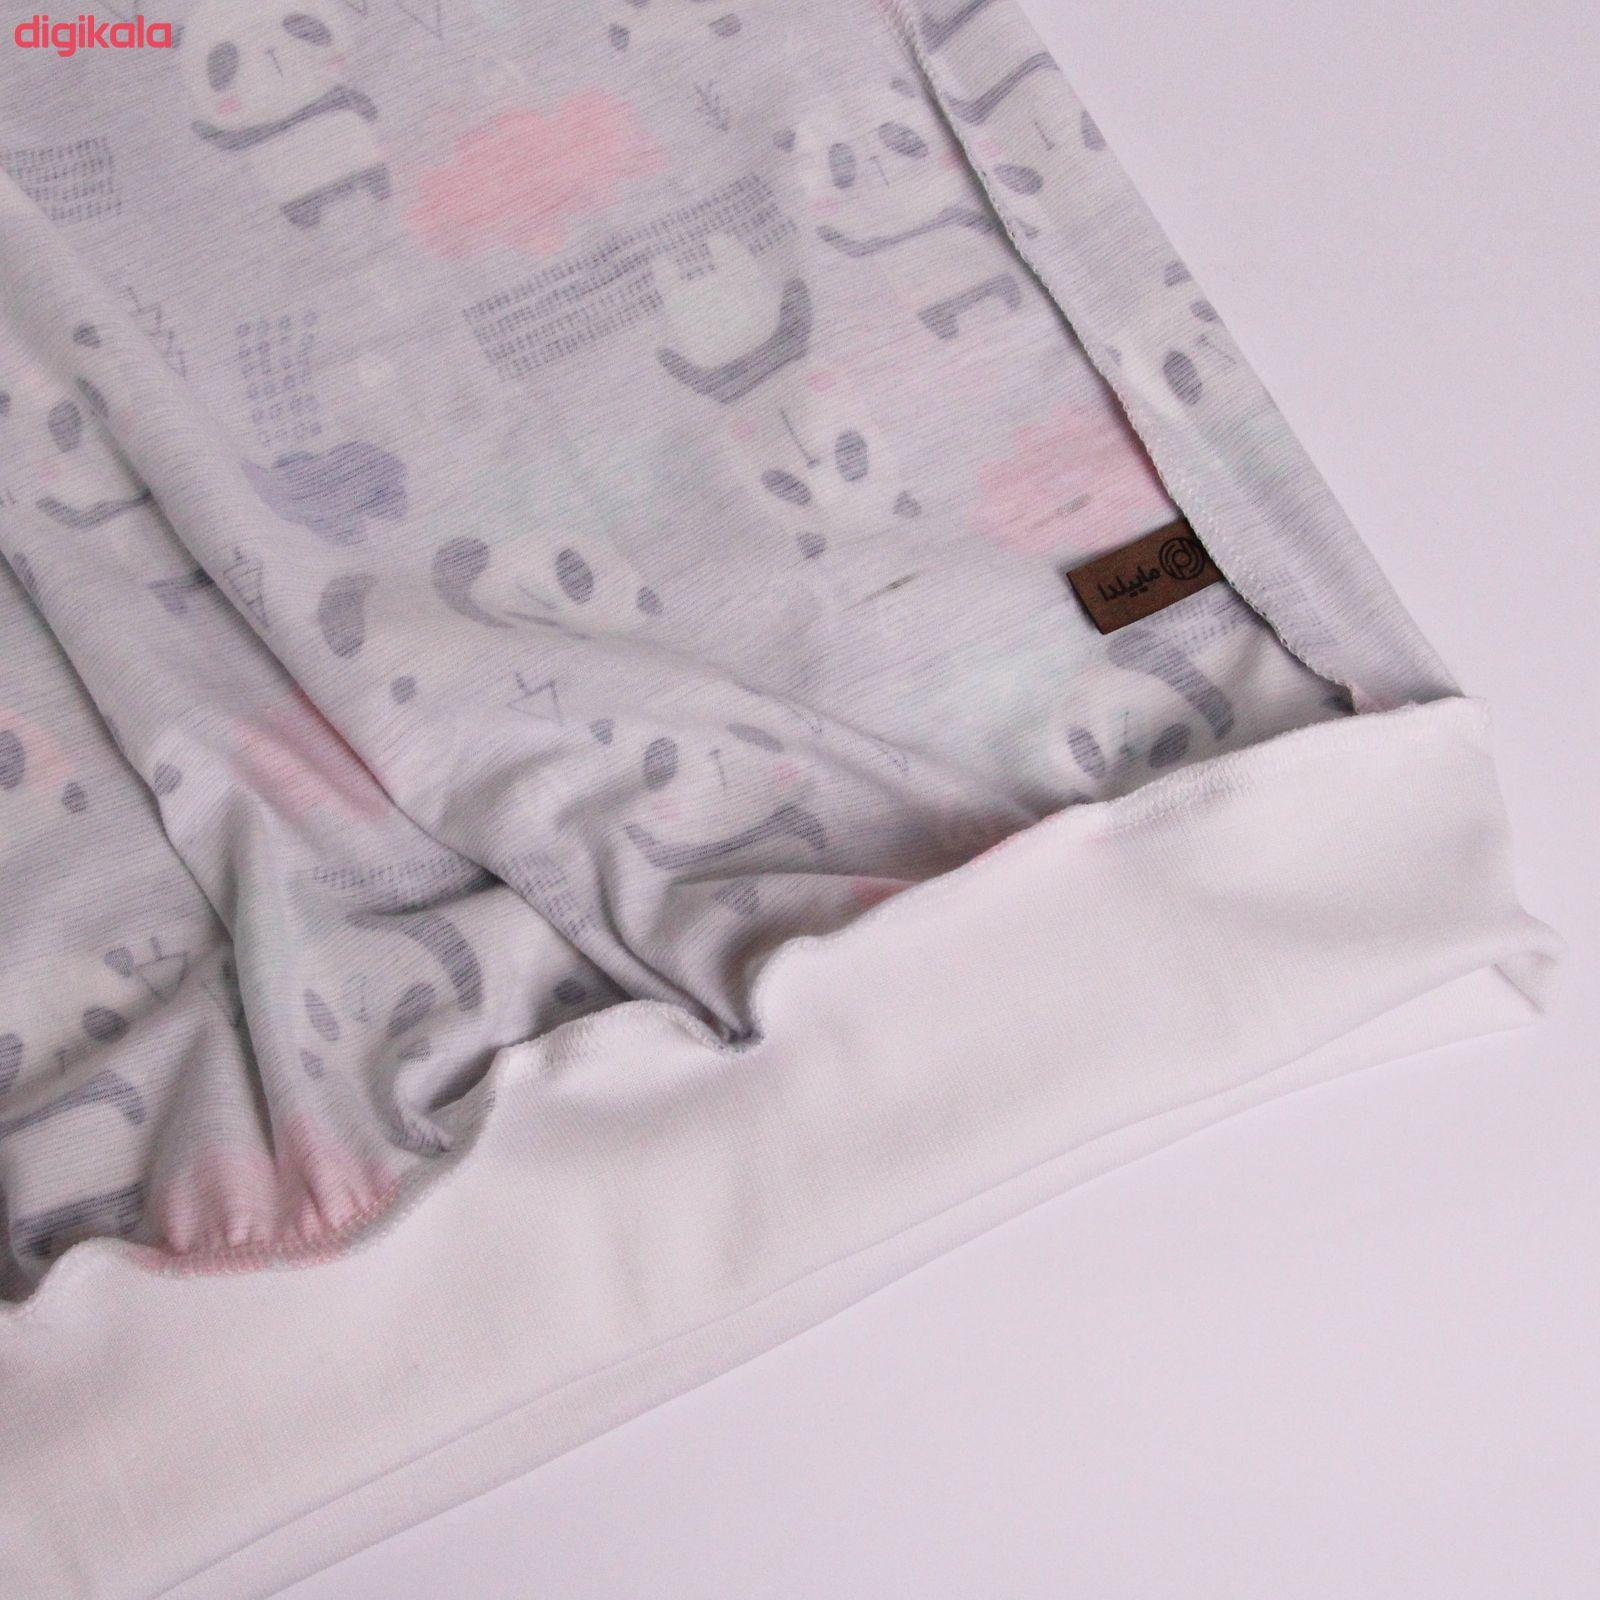 ست تی شرت و شلوار زنانه ماییلدا مدل 3587-1 main 1 5